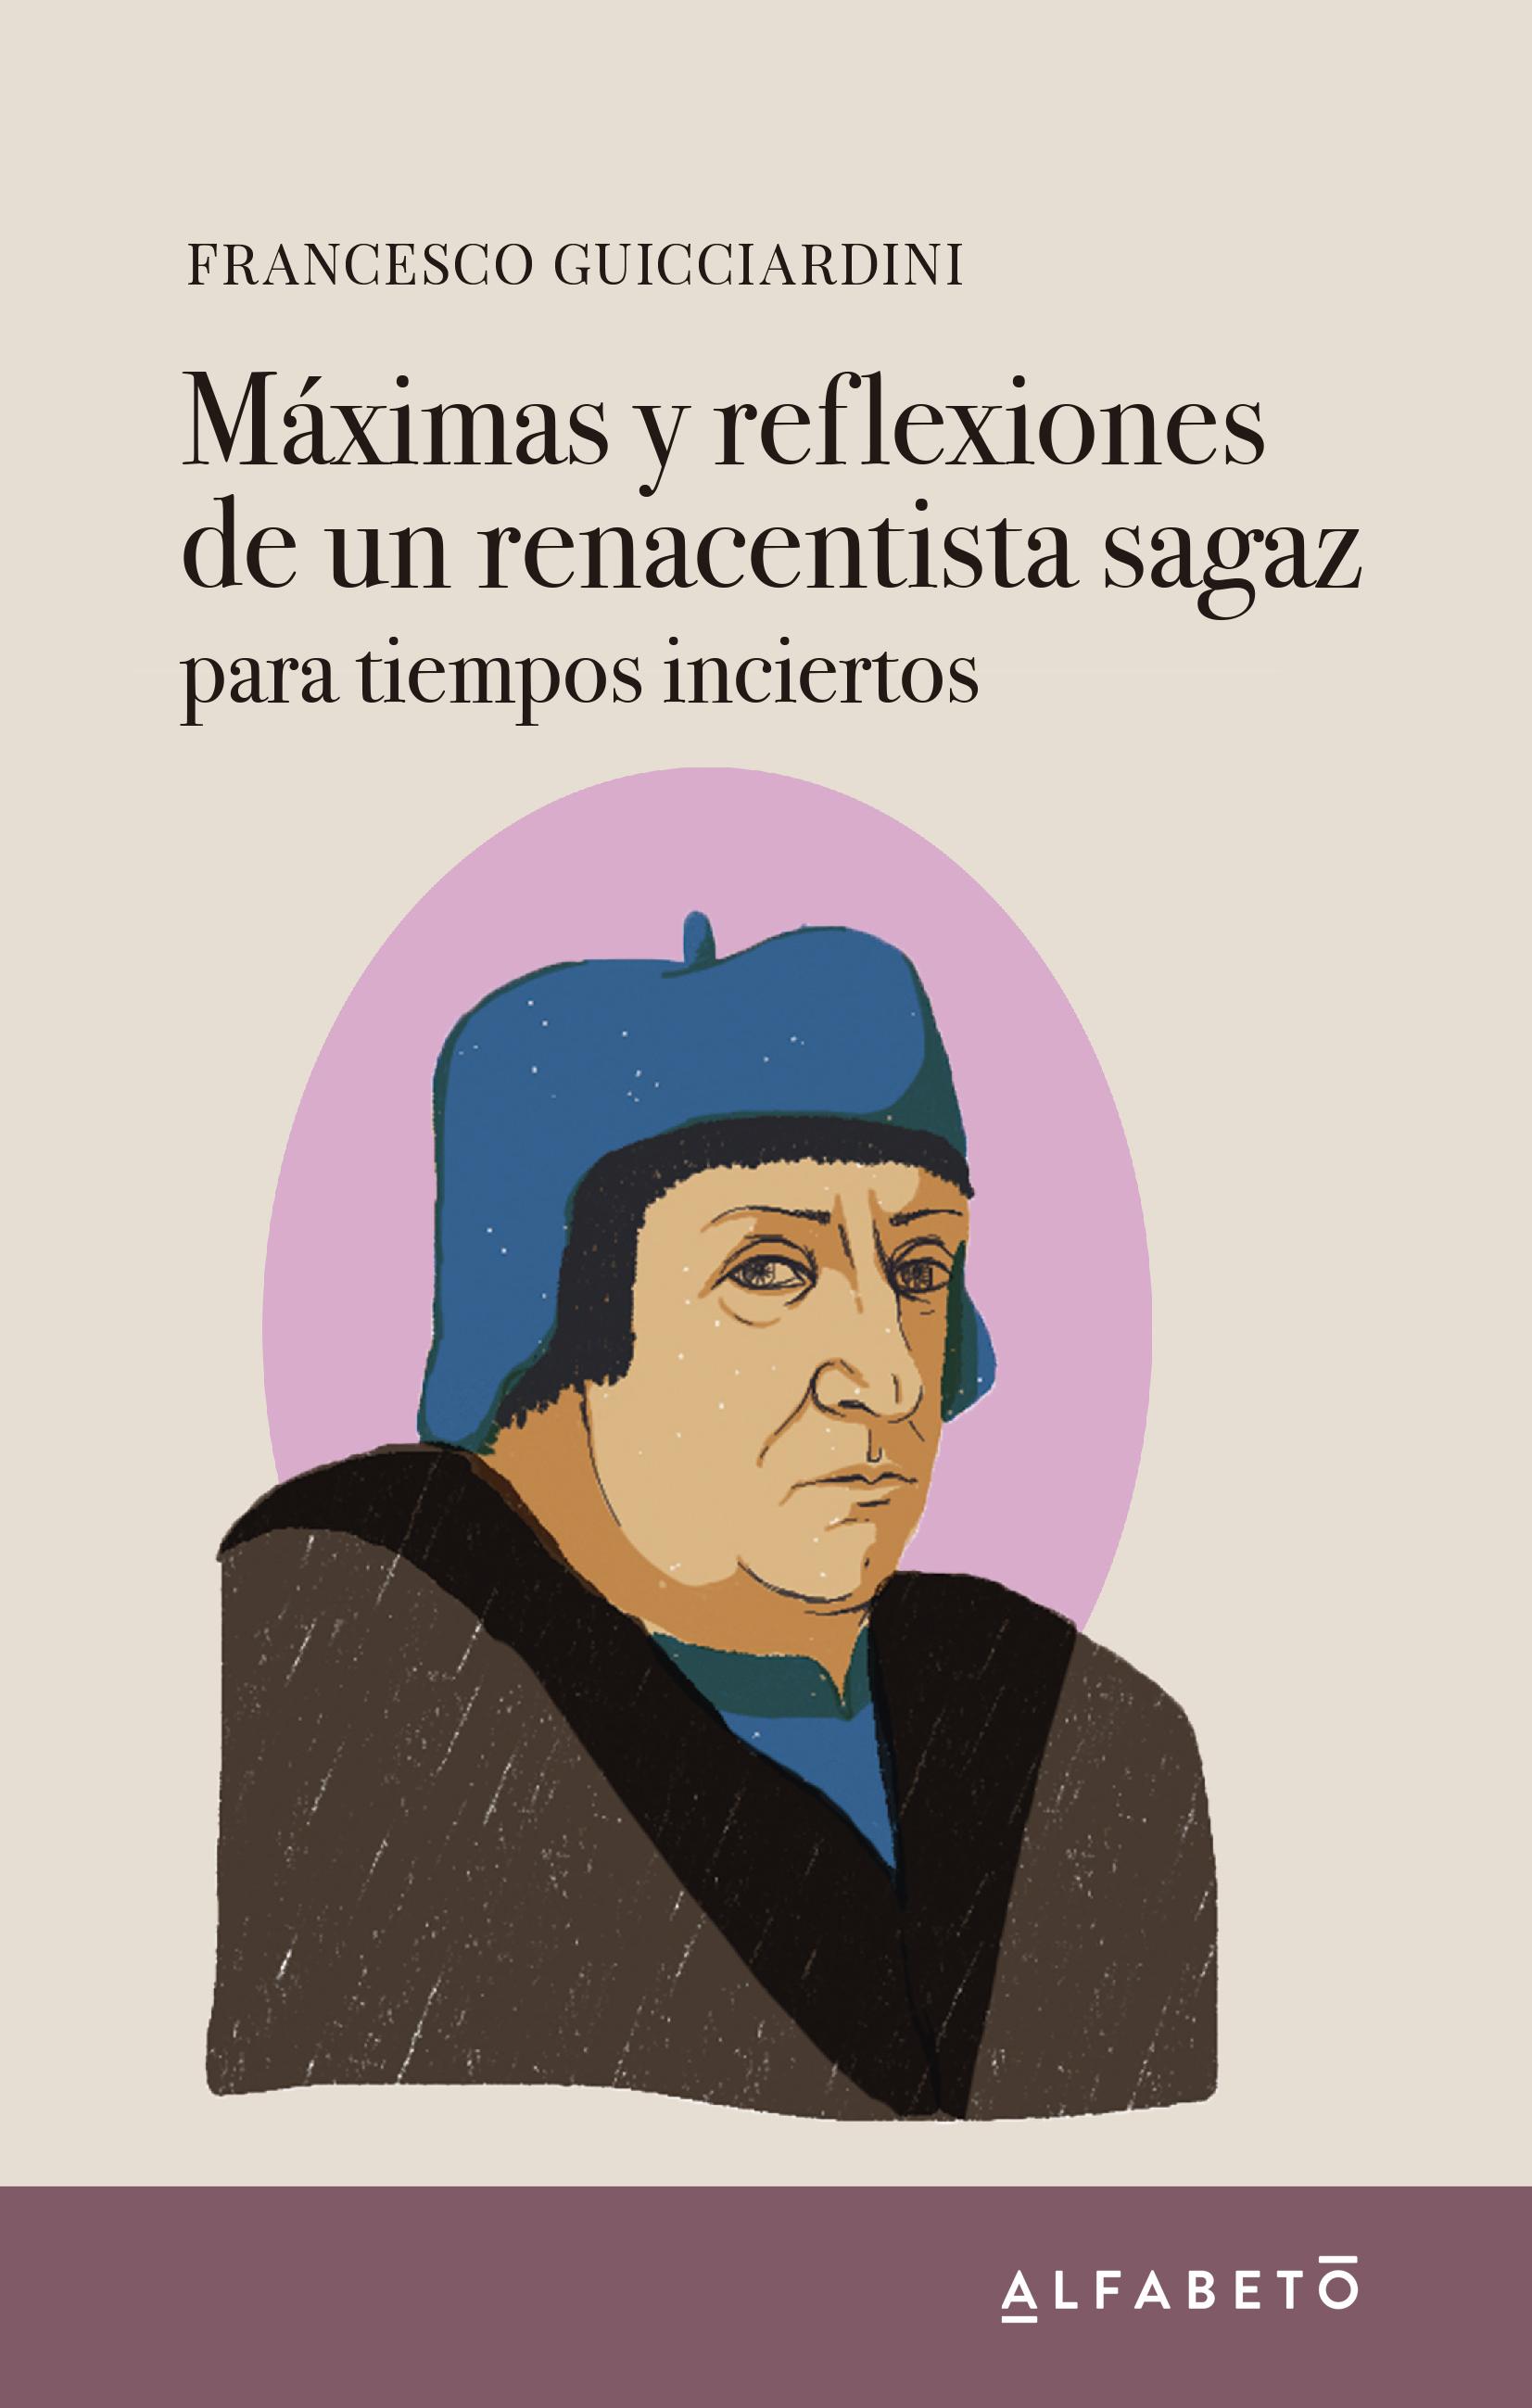 MAXIMAS Y REFLEXIONES DE UN RENACENTISTA